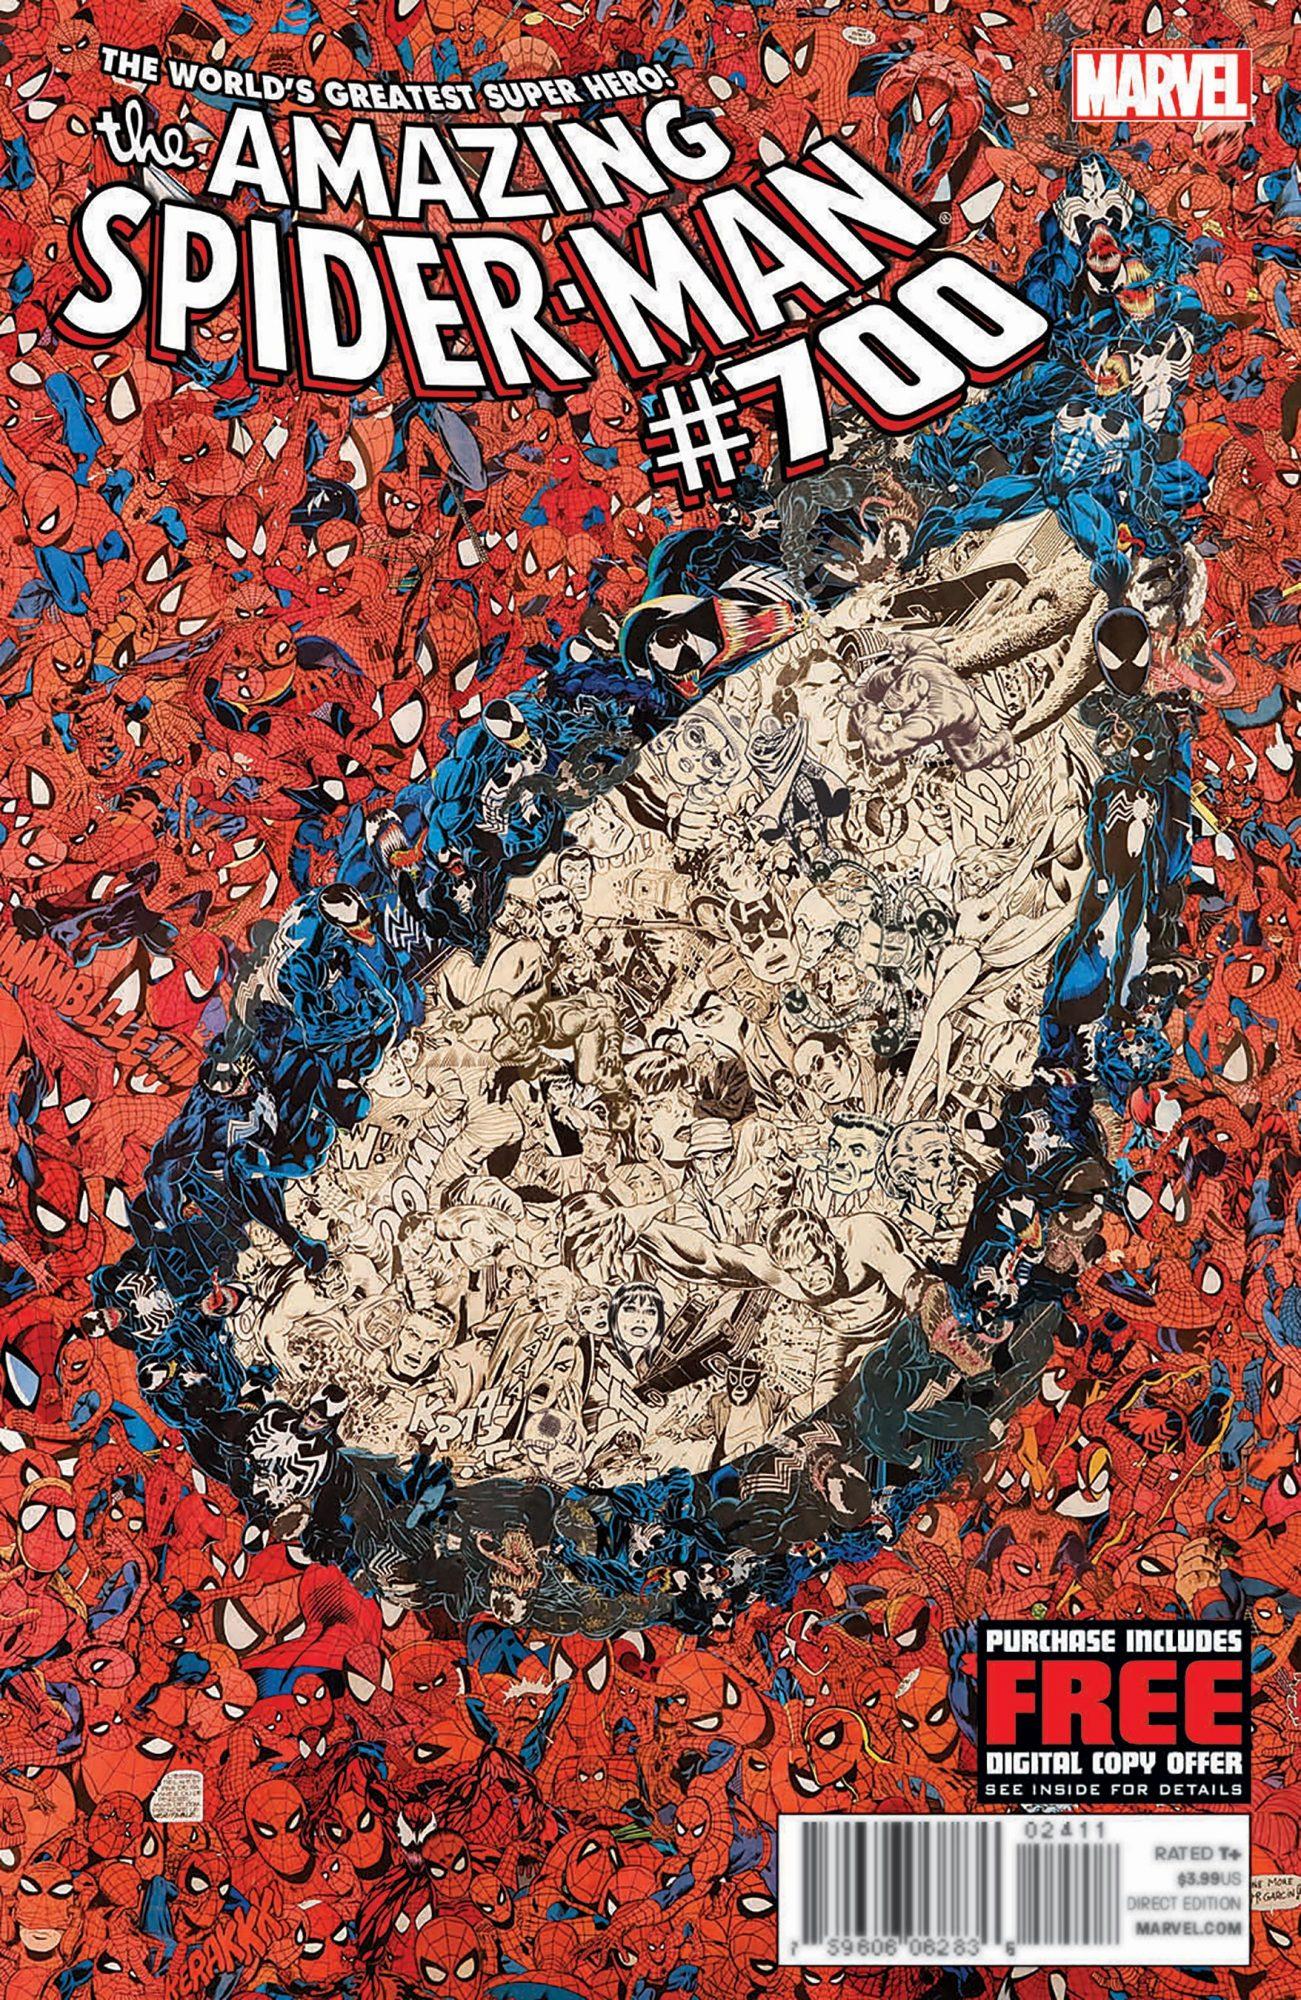 Amazing Spider-Man #700Artist: Pacal Garcin, 2013